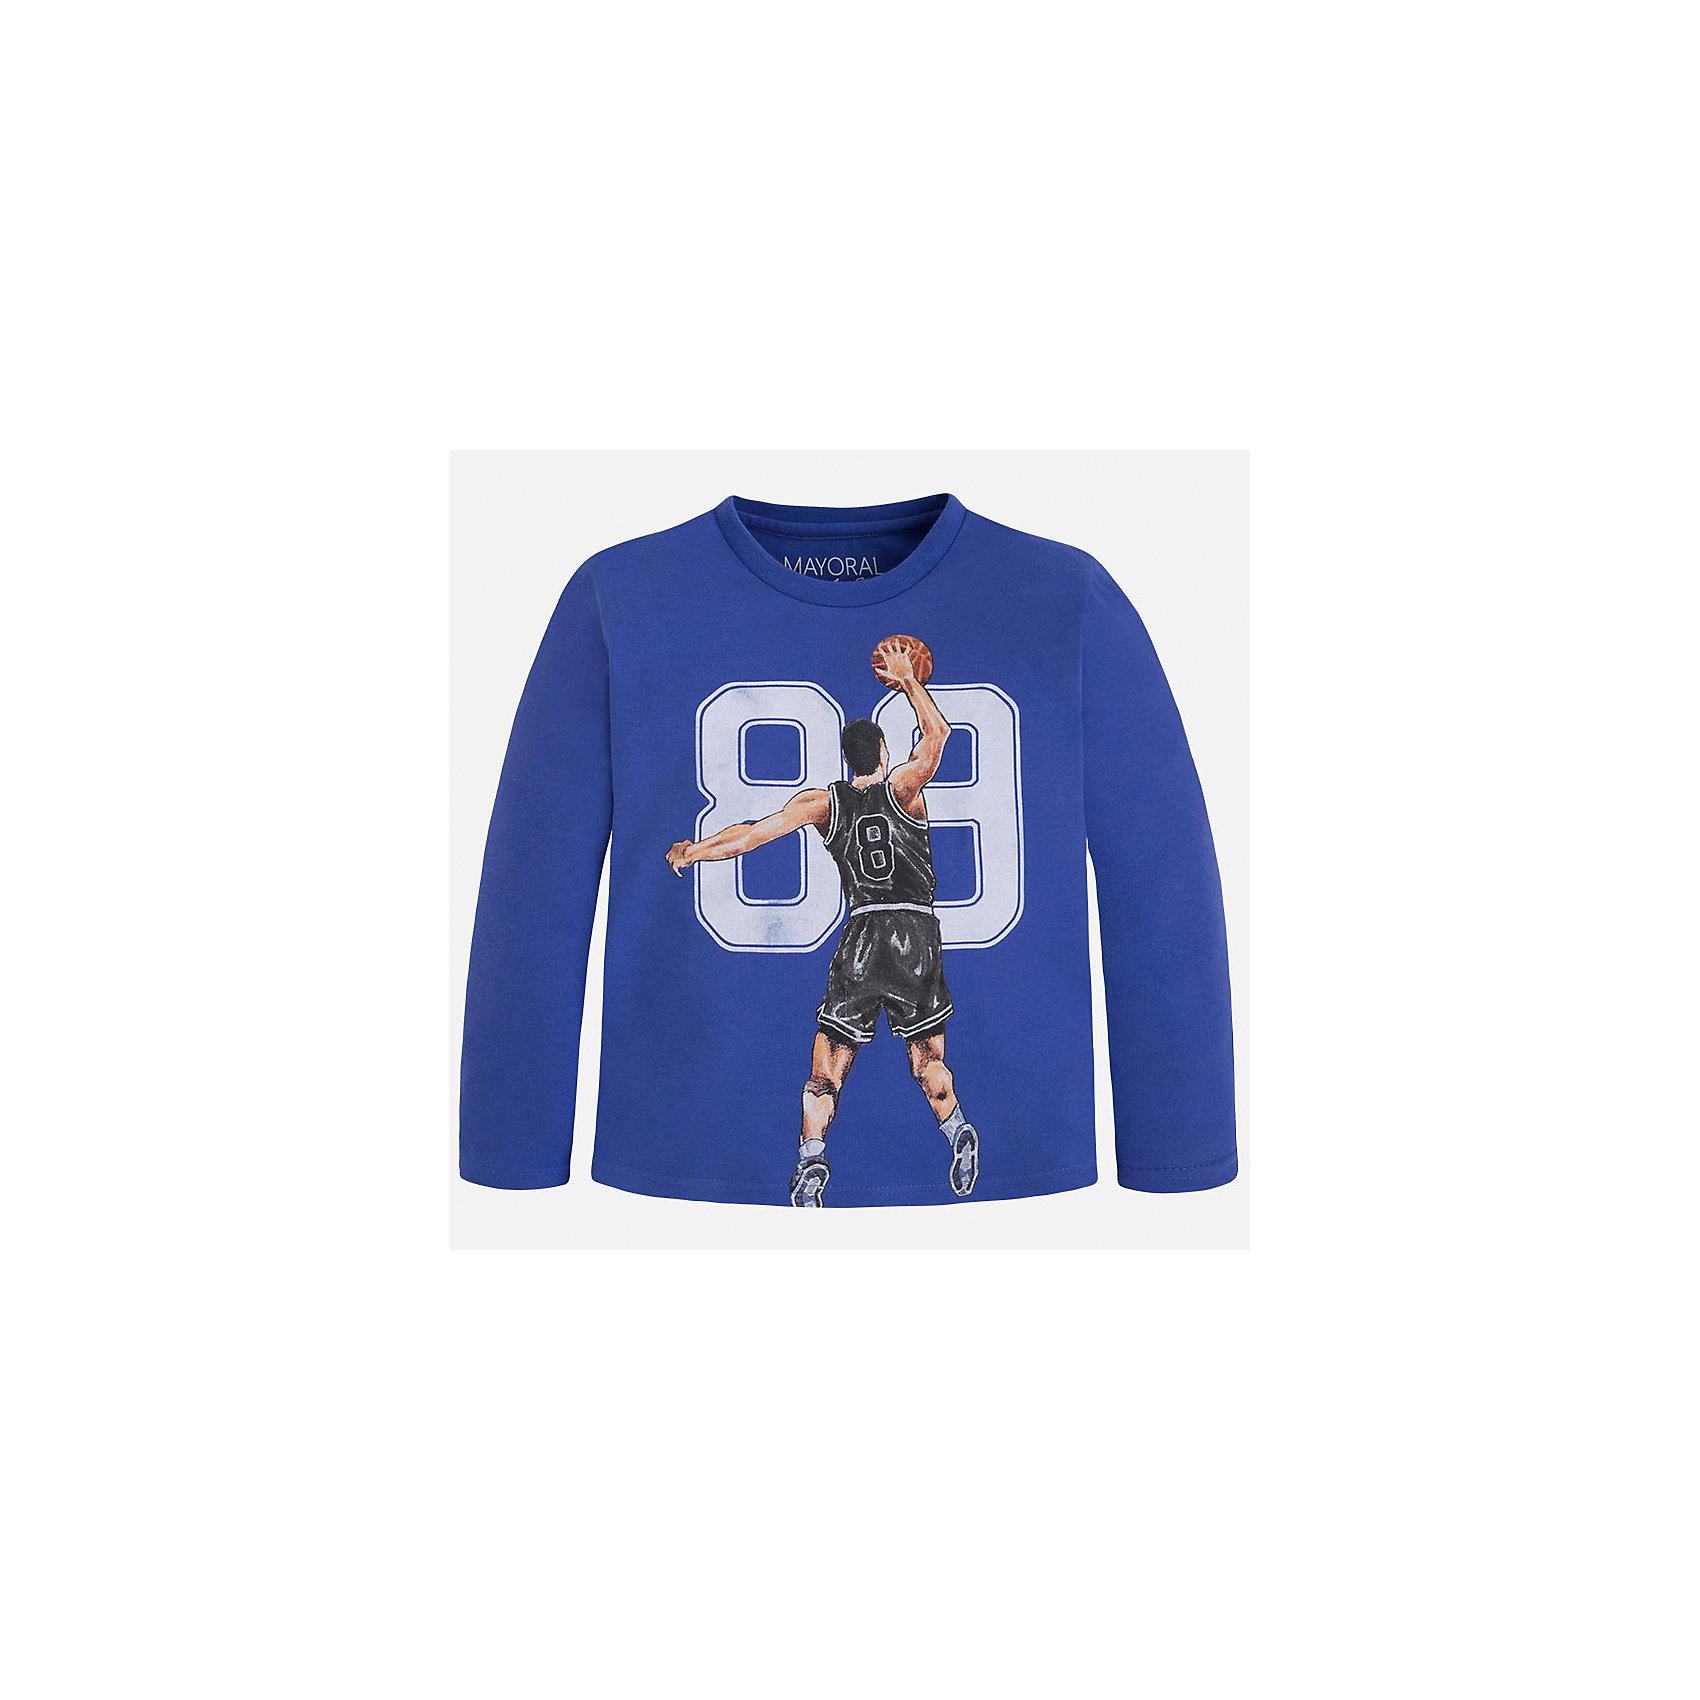 Футболка с длинным рукавом для мальчика MayoralХлопковая футболка с длинными рукавами - это  базовая вещь в любом гардеробе. Благодаря длинным рукавам и легкому составу, ее можно носить в любое время года, а яркий орнамент, подчеркнет индивидуальный стиль Вашего ребенка!<br><br>Дополнительная информация:<br><br>- Крой: прямой крой.<br>- Страна бренда: Испания.<br>- Состав: хлопок 100%.<br>- Цвет: синий.<br>- Уход: бережная стирка при 30 градусах.<br><br>Купить футболку с длинным рукавом для мальчика, от  Mayoral, можно в нашем магазине.<br><br>Ширина мм: 230<br>Глубина мм: 40<br>Высота мм: 220<br>Вес г: 250<br>Цвет: синий<br>Возраст от месяцев: 72<br>Возраст до месяцев: 84<br>Пол: Мужской<br>Возраст: Детский<br>Размер: 122,110,134,104,116,98,128<br>SKU: 4821837